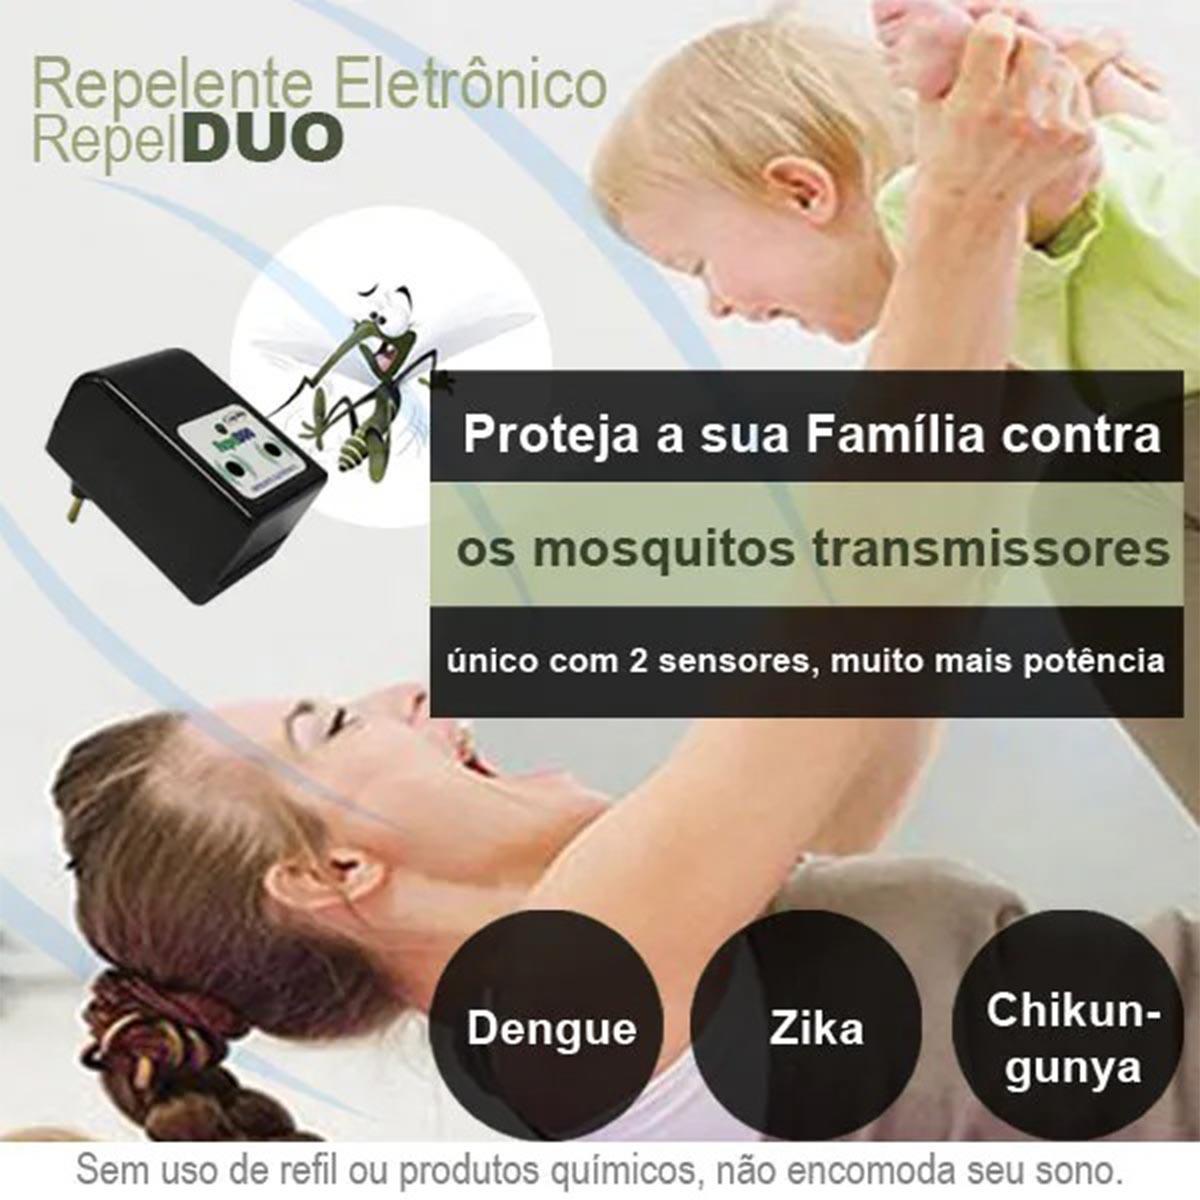 Repelente Eletronico Repel DUO repele pernilongos e mosquitos